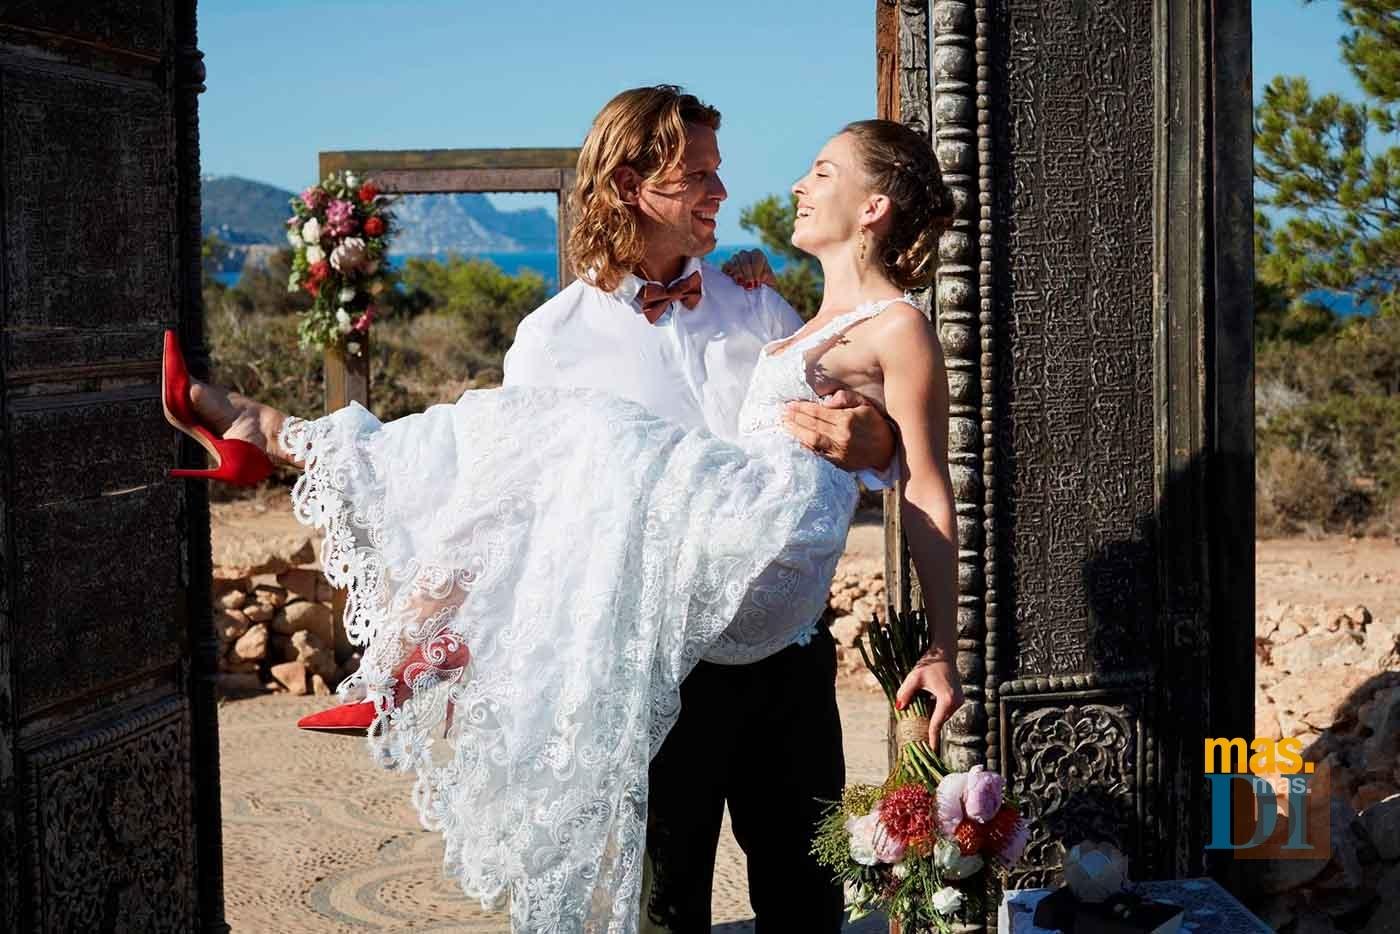 The Ibiza Wedding Planner | Últimas tendencias para celebraciones inolvidables